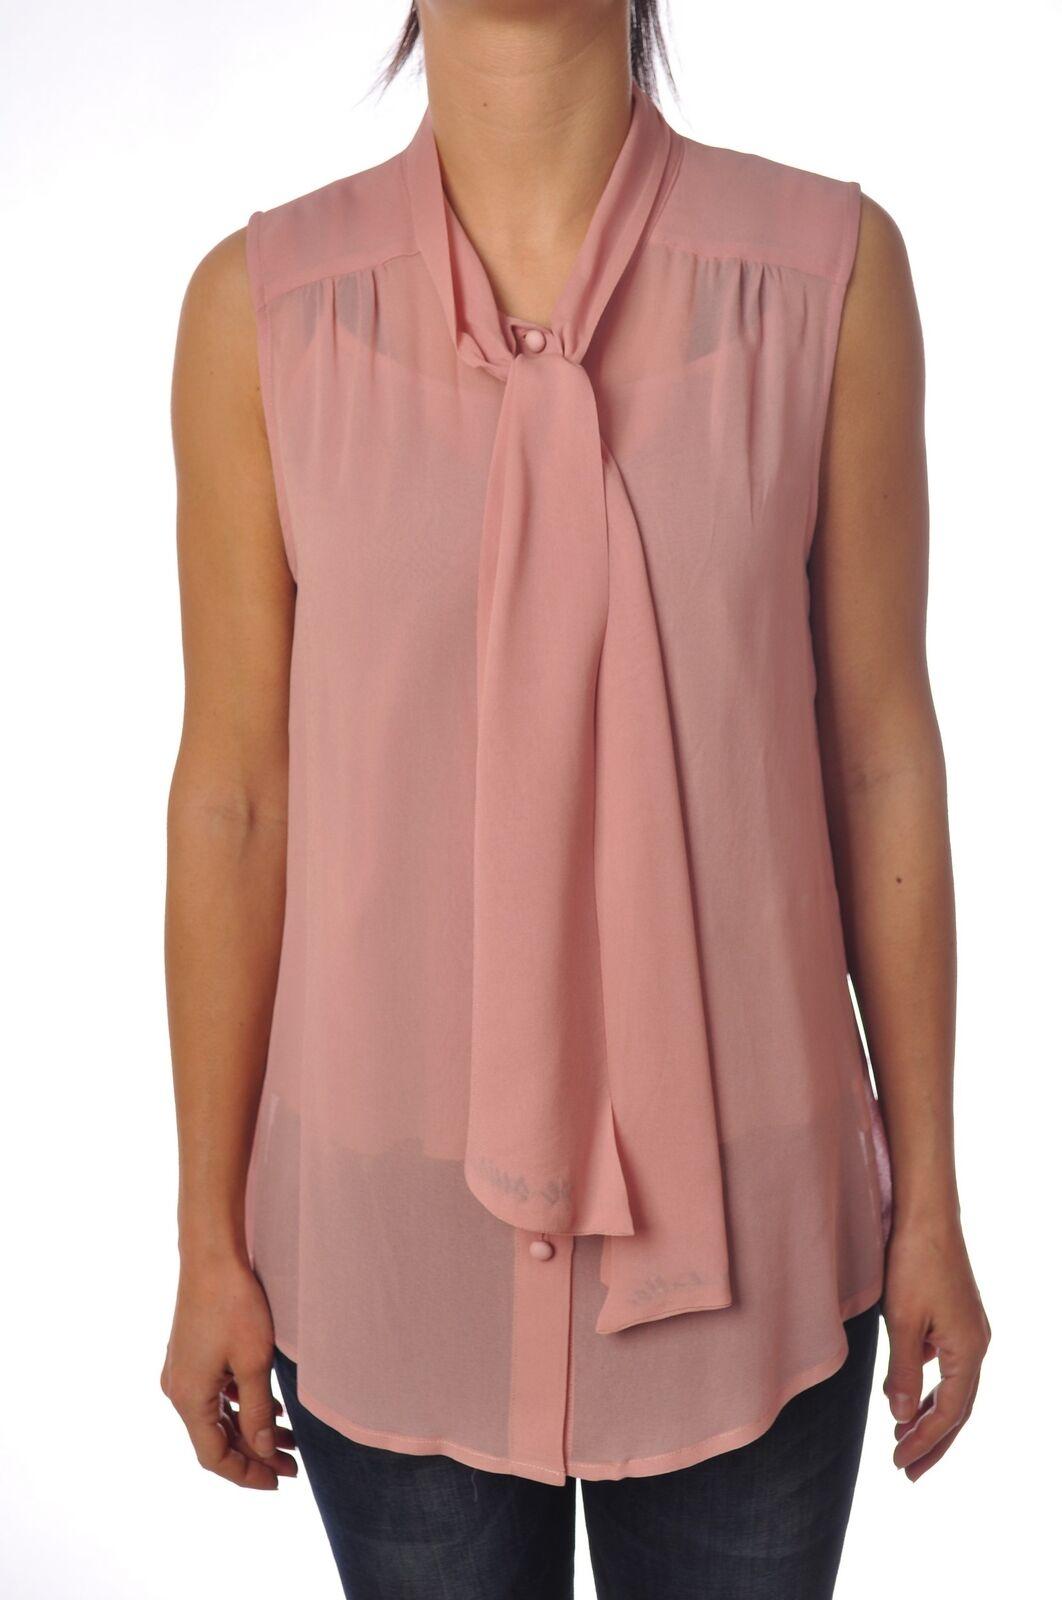 Ottod'ame - Shirts-Blouses - Woman - Rosa - 4930310E191100